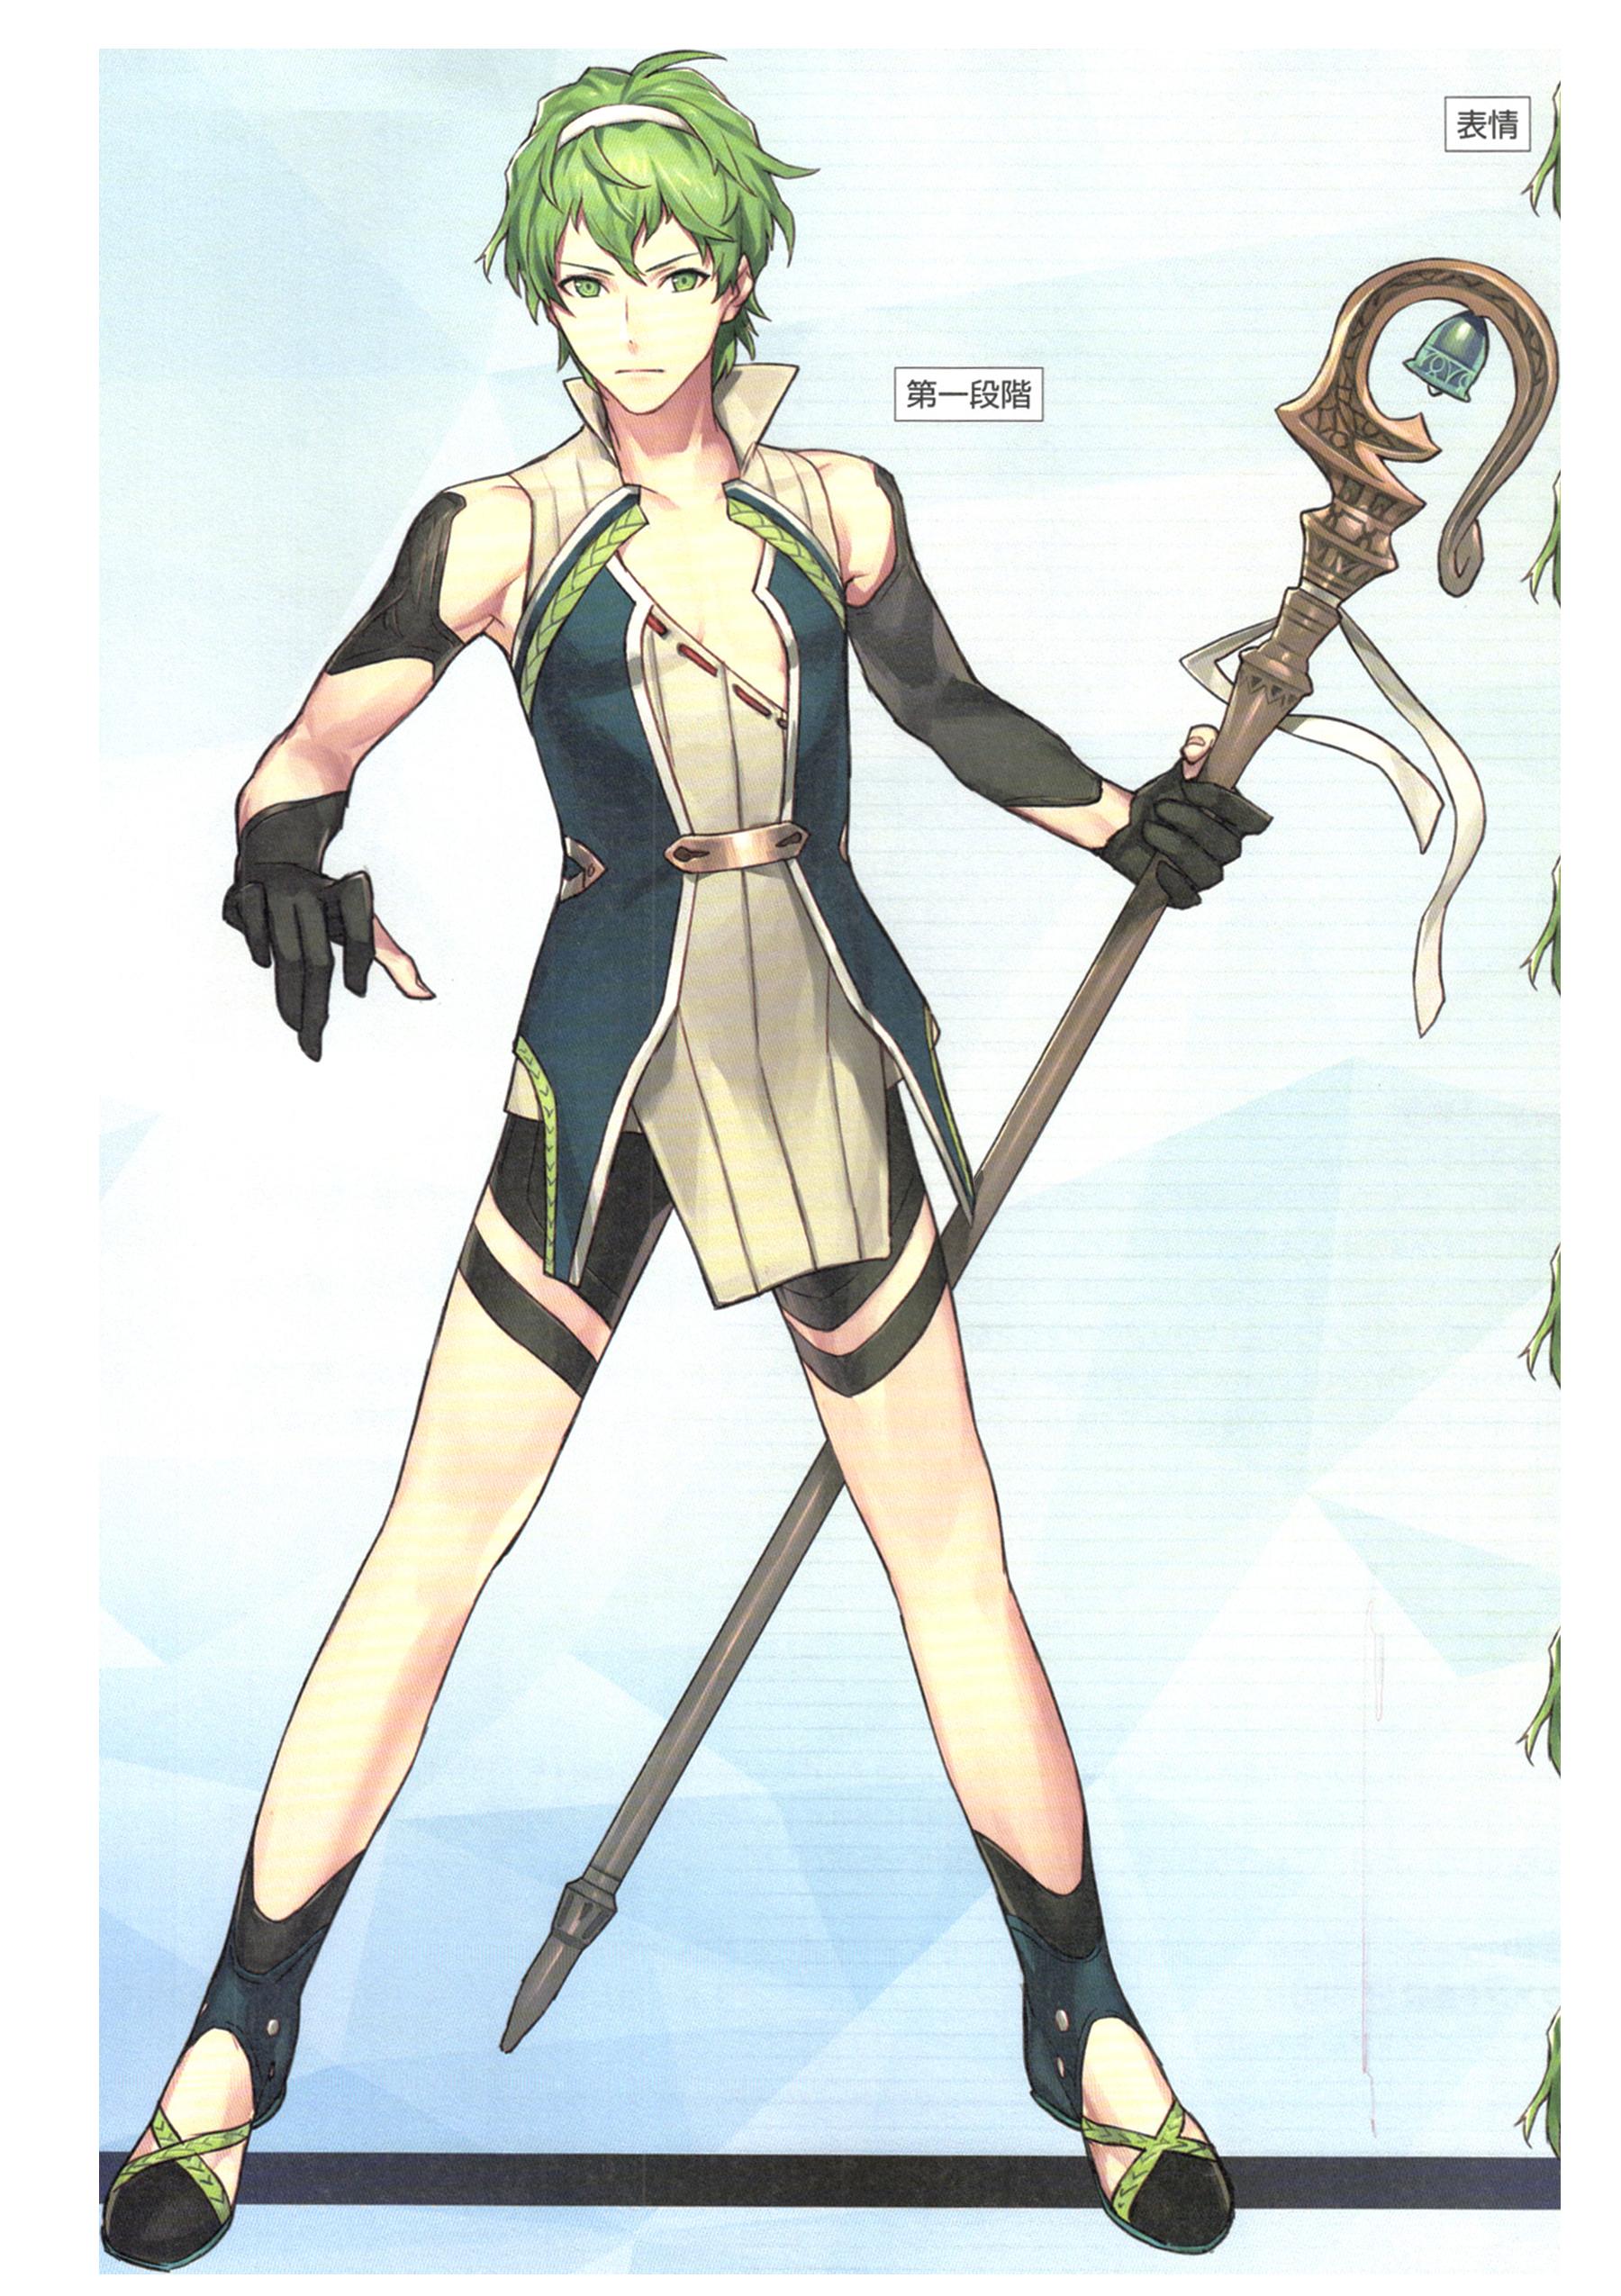 Archer (Fate/Grand Order - David)